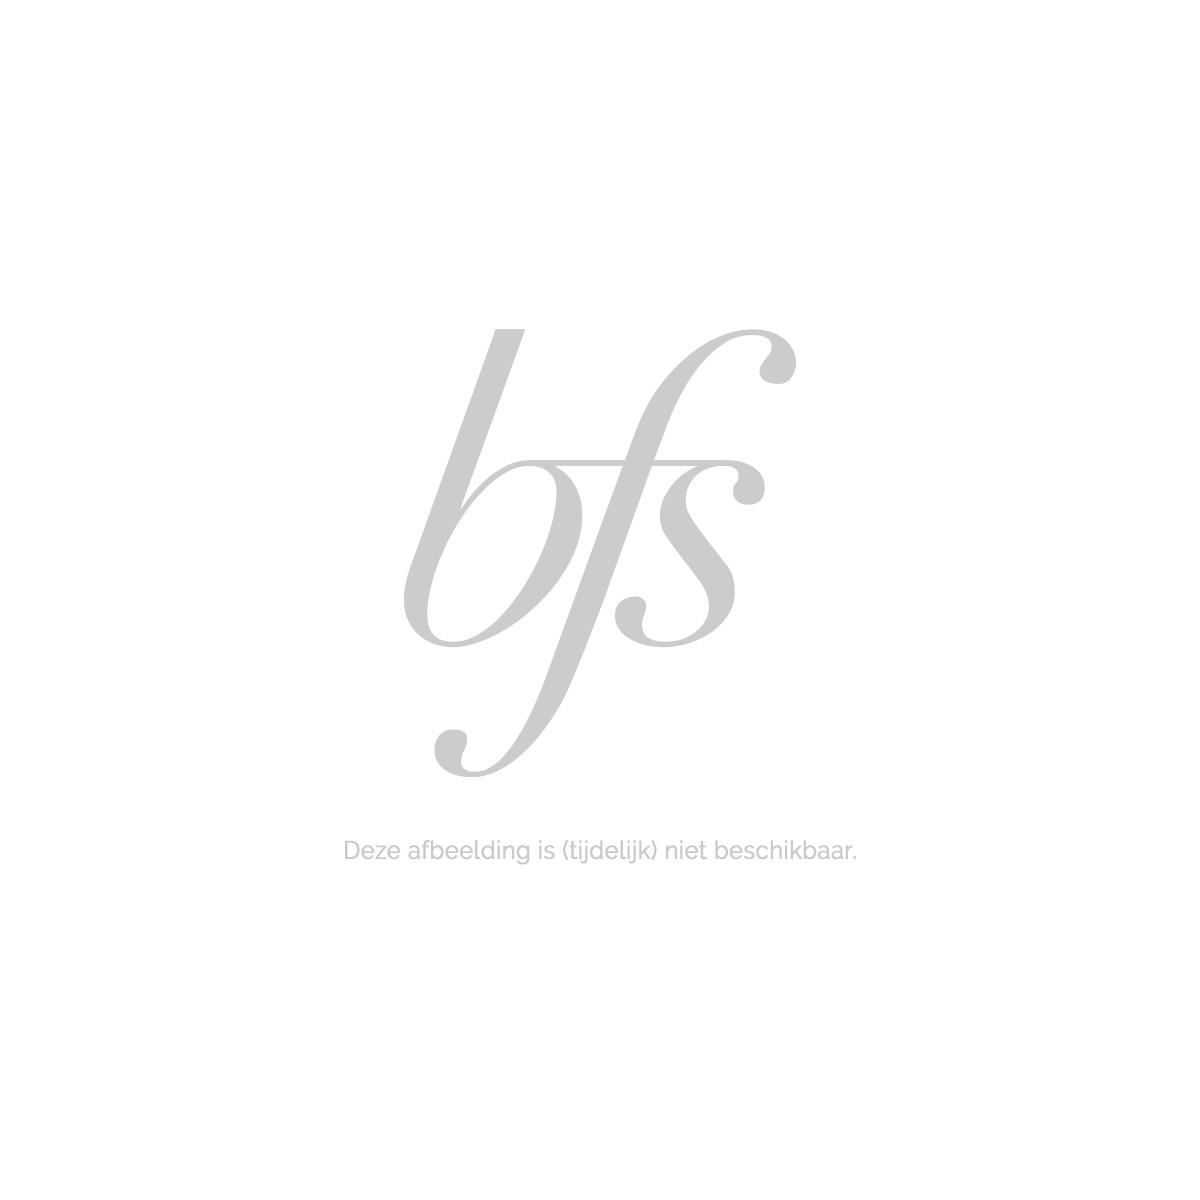 Mont Blanc Presence dune Femme Eau de Toilette 75 ml